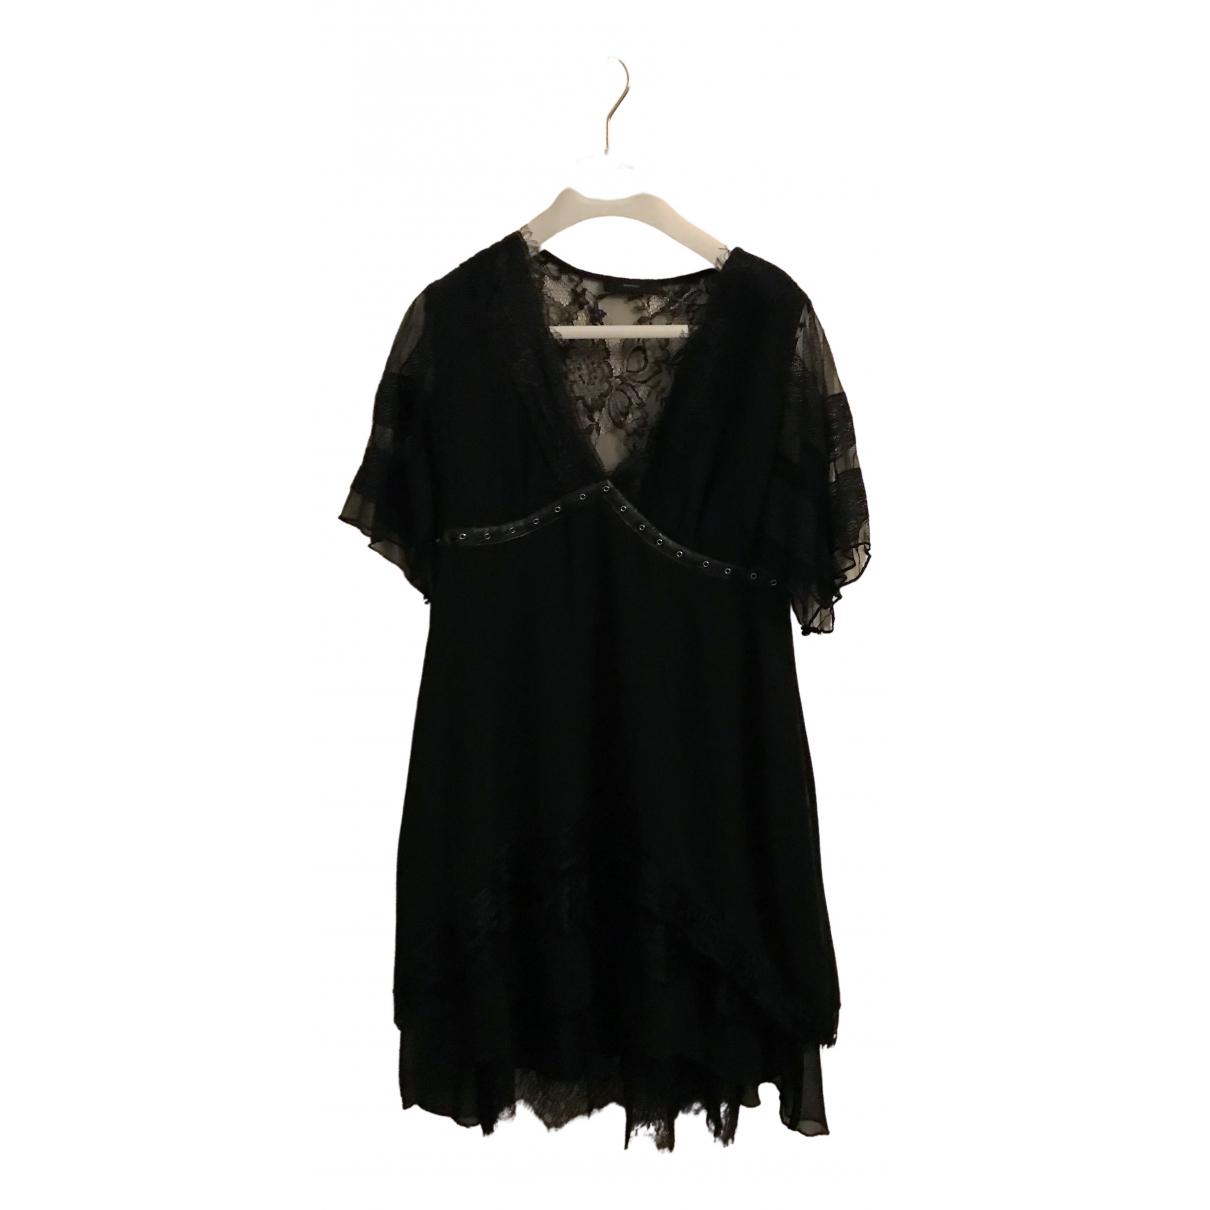 Diesel \N Kleid in  Schwarz Polyester